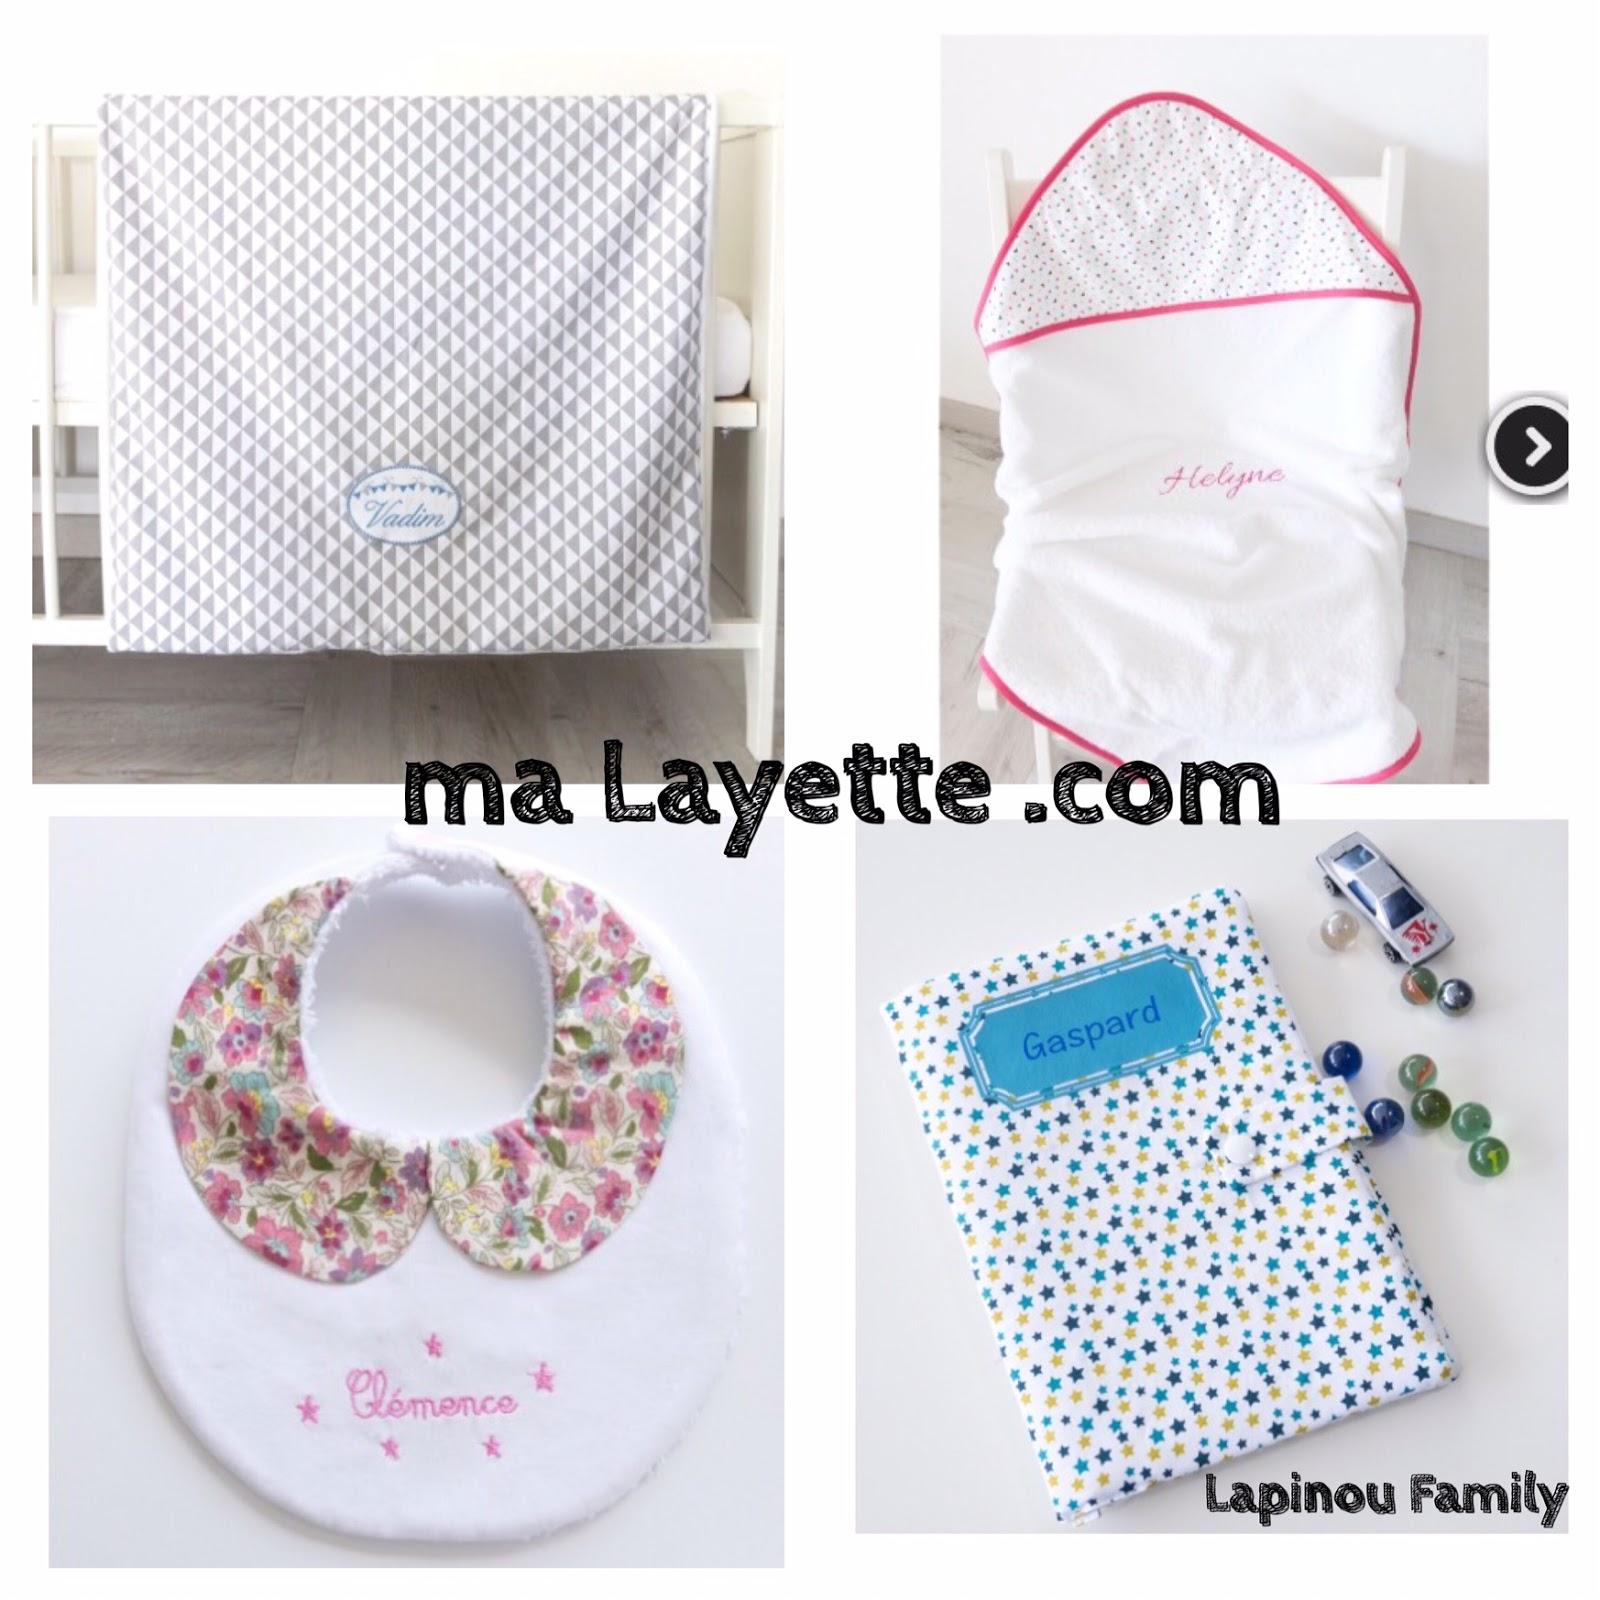 des cadeaux de naissance personnalis s avec le site ma layette lapinou family. Black Bedroom Furniture Sets. Home Design Ideas